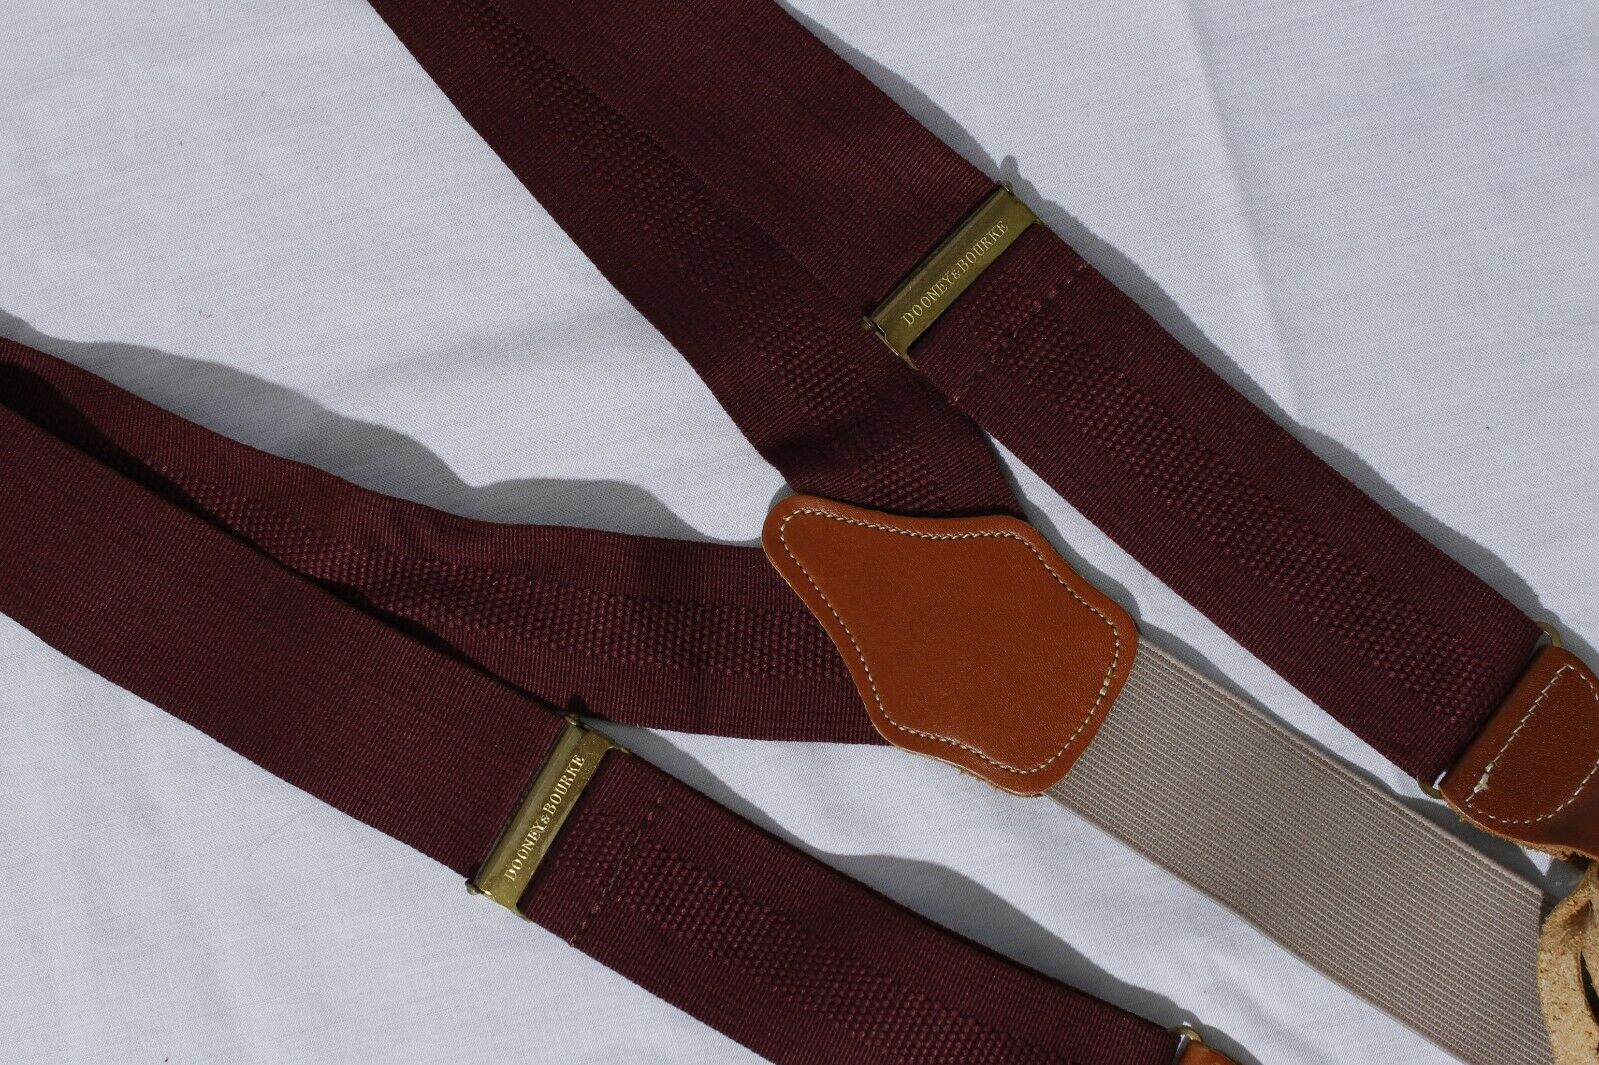 Dooney & Bourke Men's Burgundy Suspenders Adjustable Braces Made in England